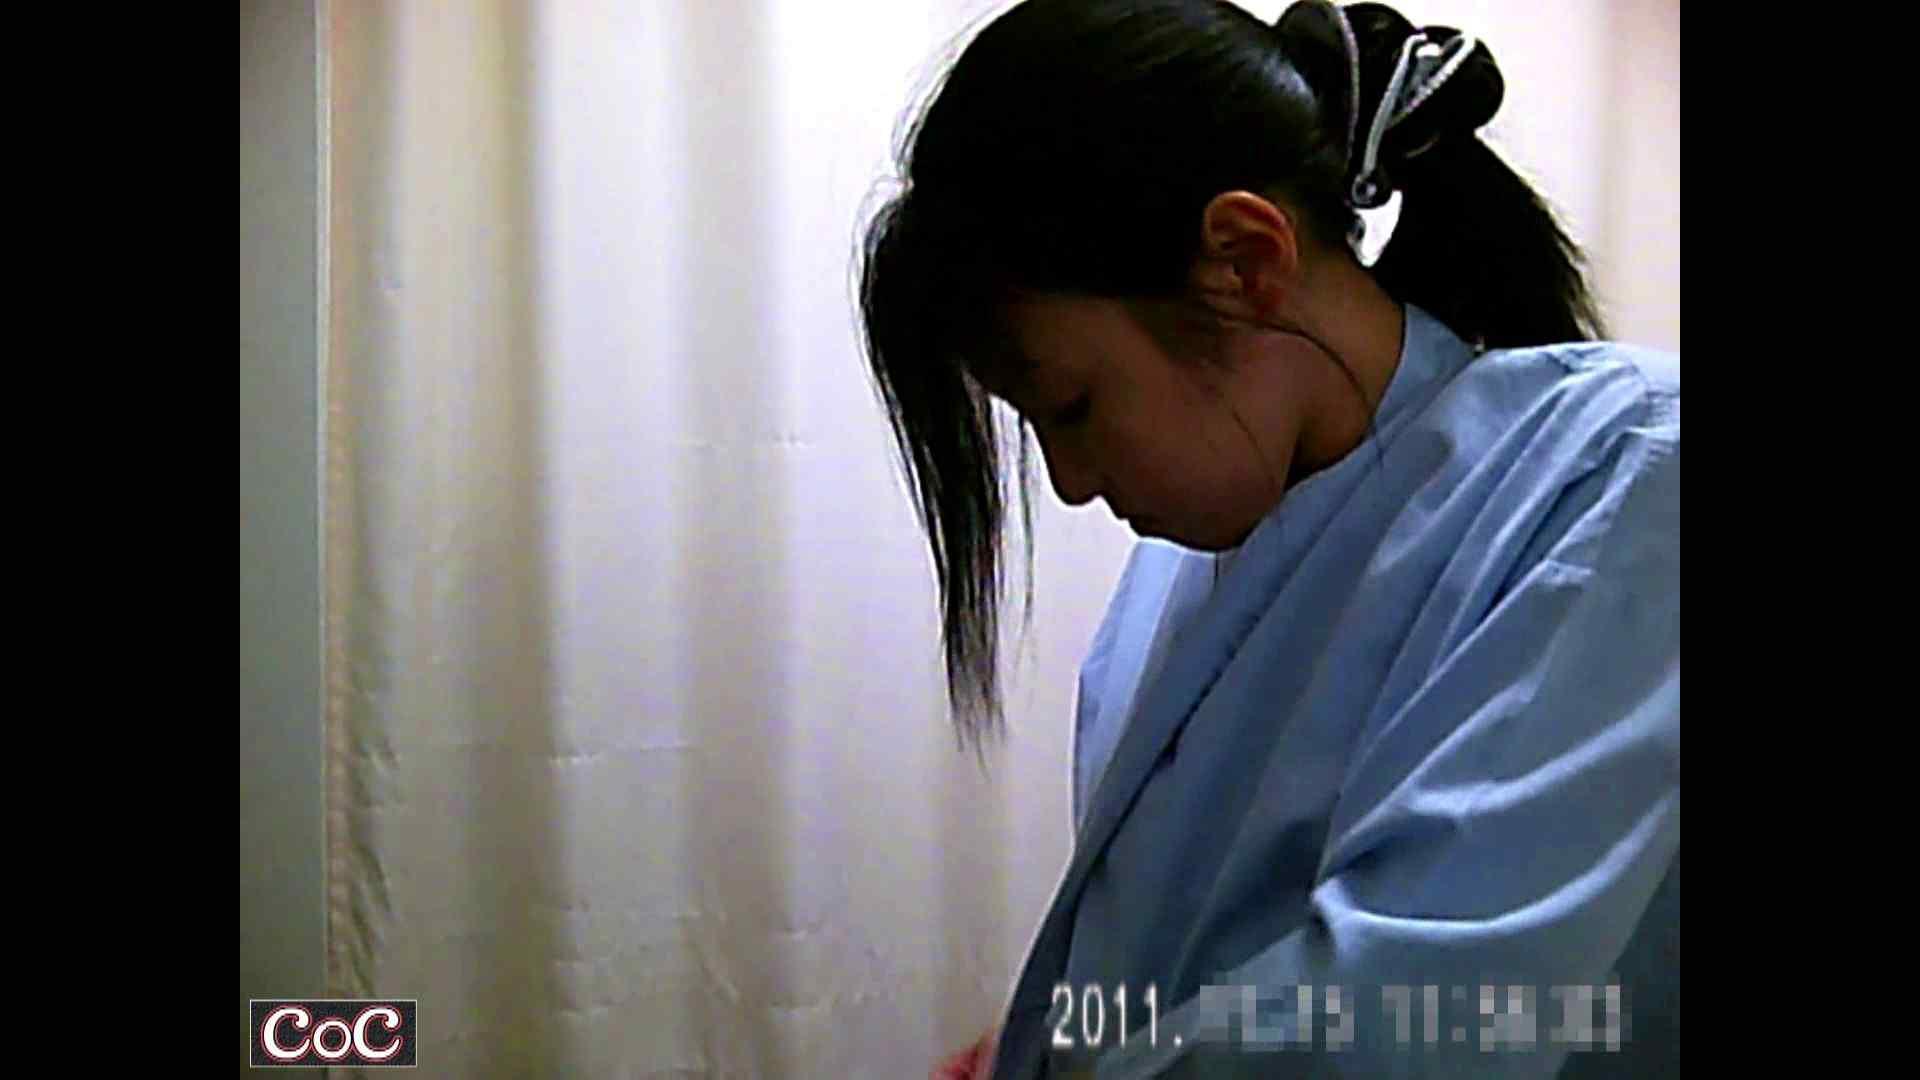 病院おもいっきり着替え! vol.91 着替え AV無料動画キャプチャ 91pic 17